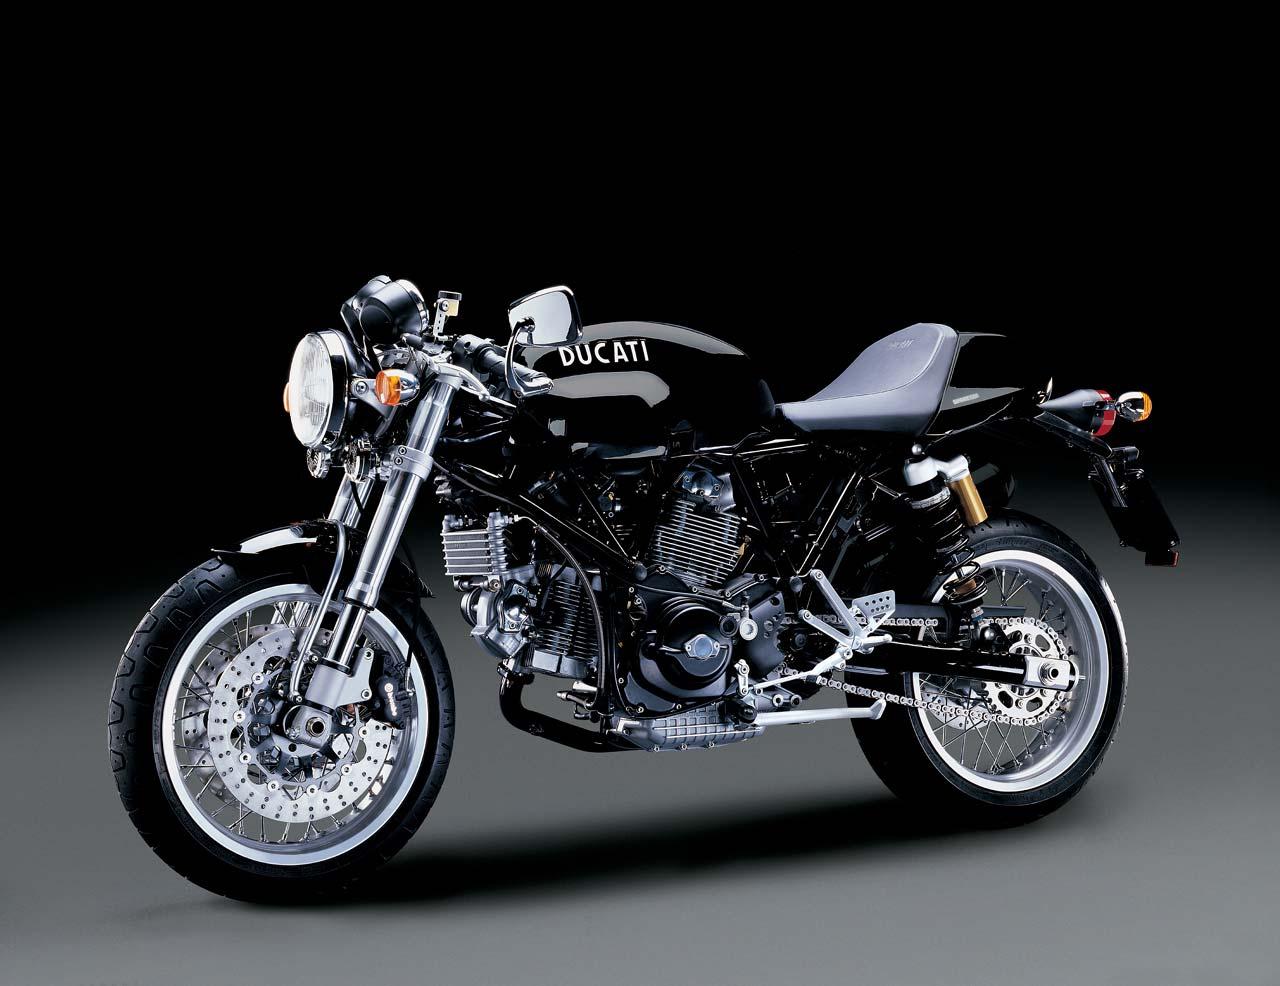 Este modelo foi inspirado na Ducati fabricada em 73 equipada com um  #9E702D 1280x986 Baixar O Banheiro Do Papa Legendado